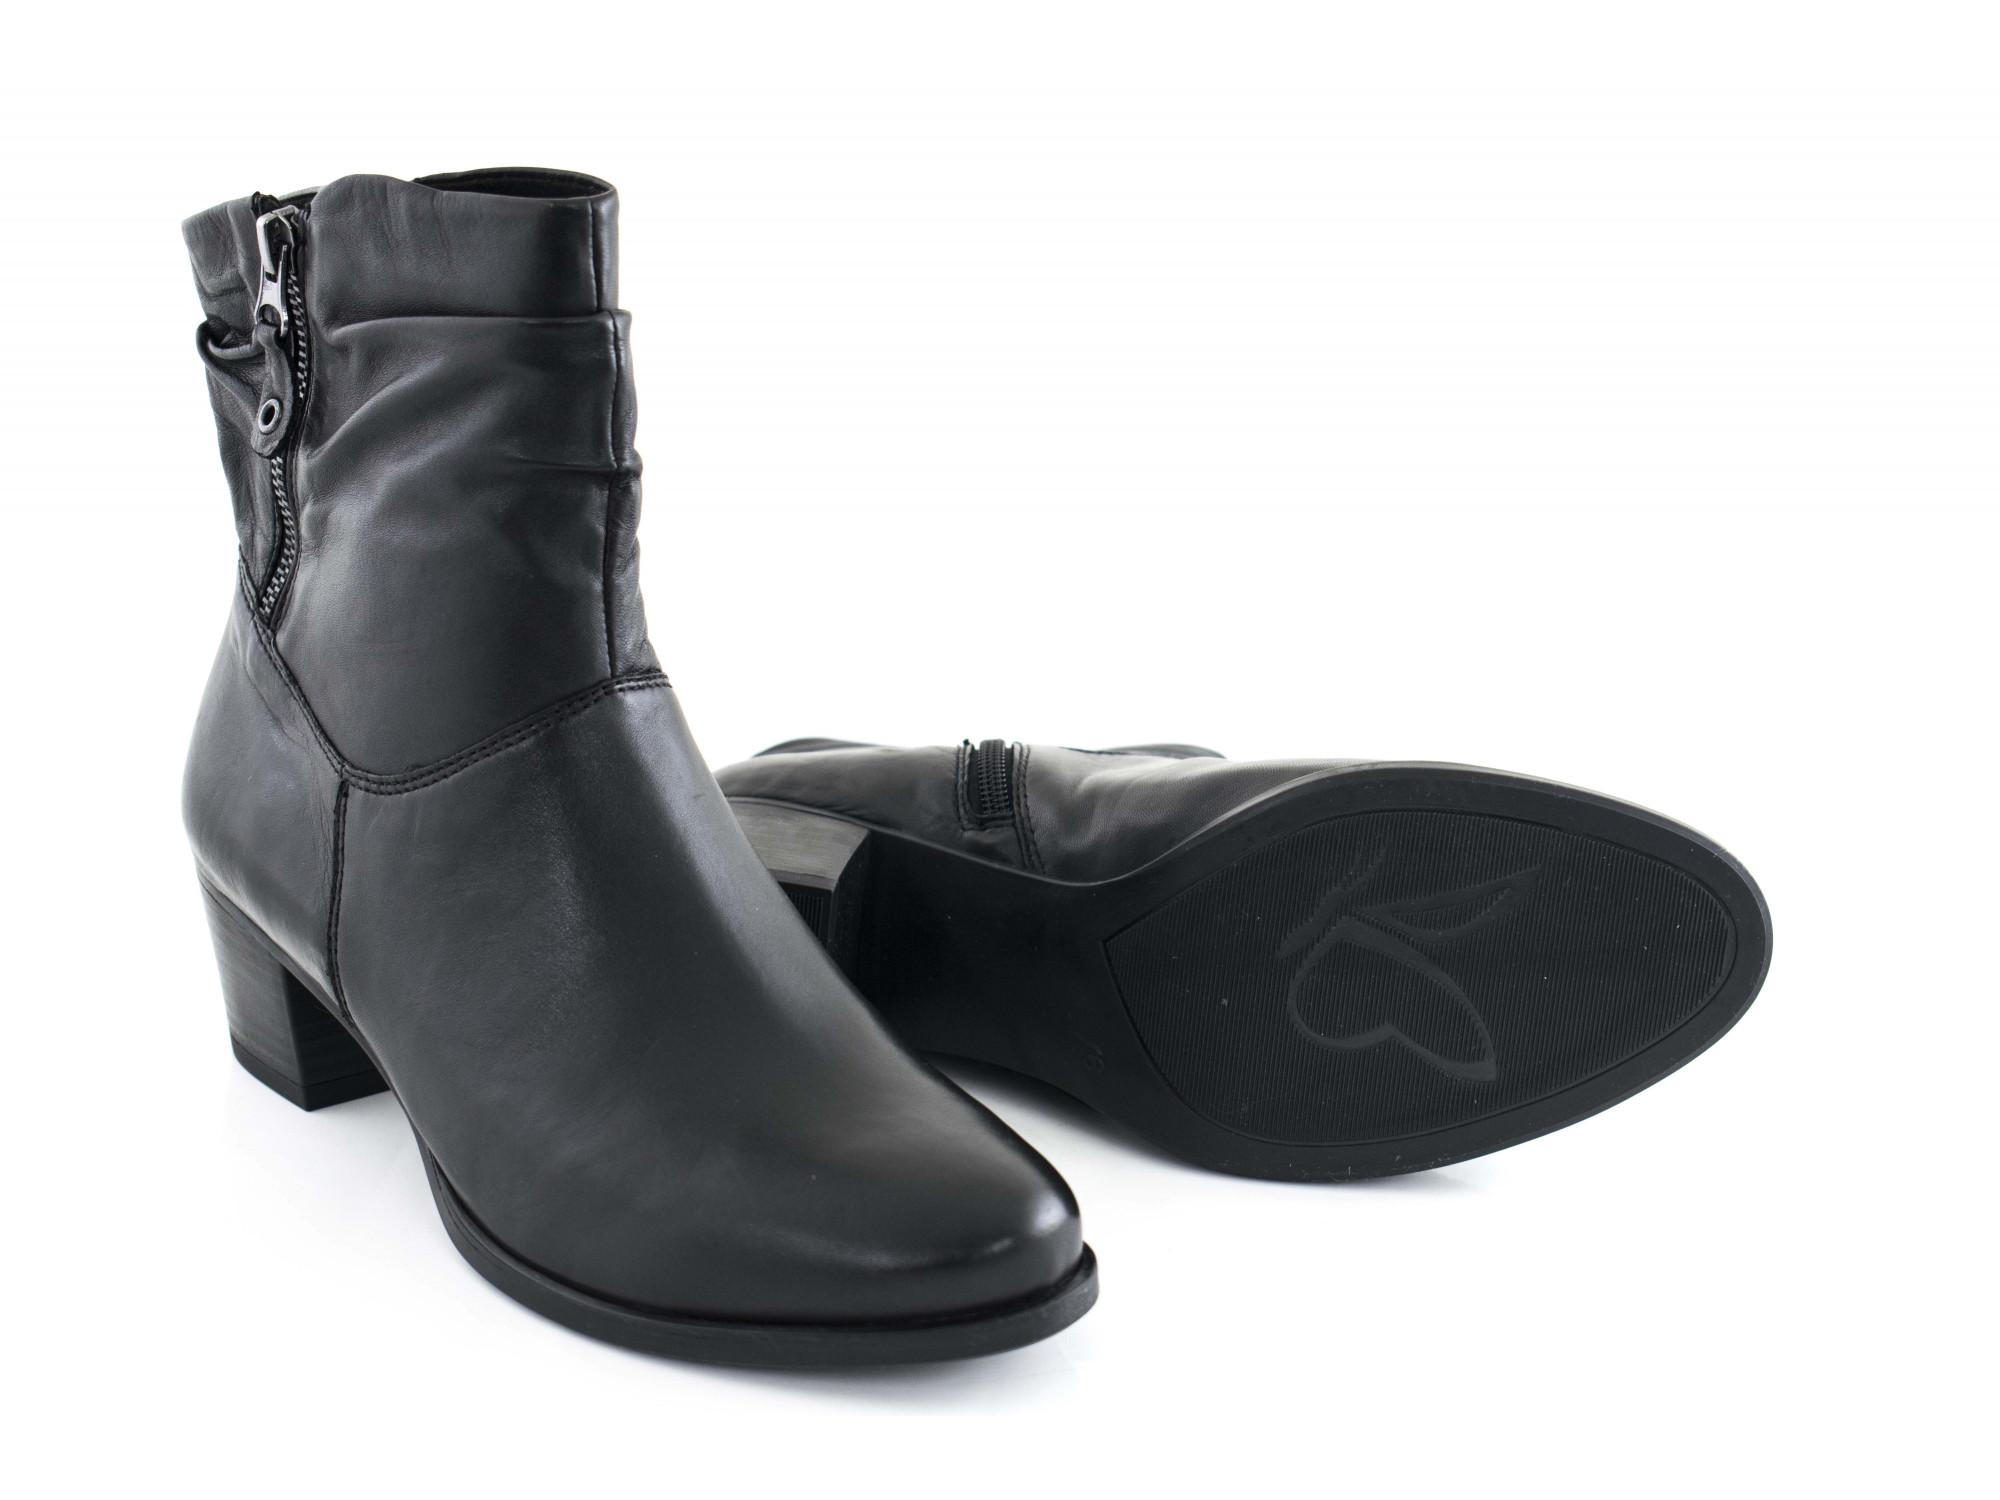 Ботинки Caprice 9-25347-23-040